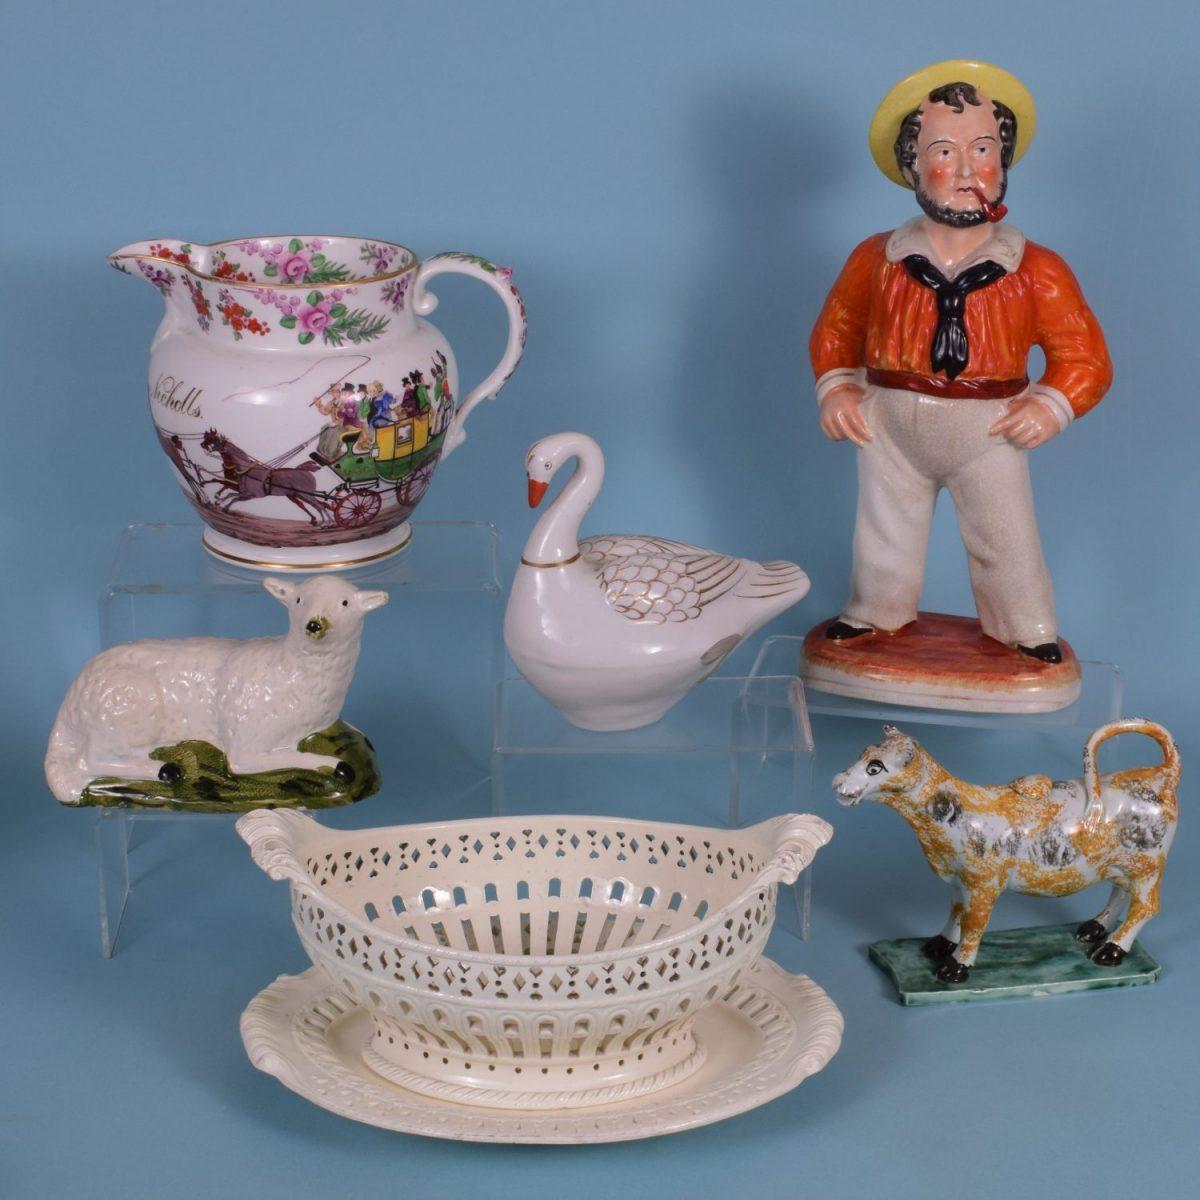 11. English Pottery